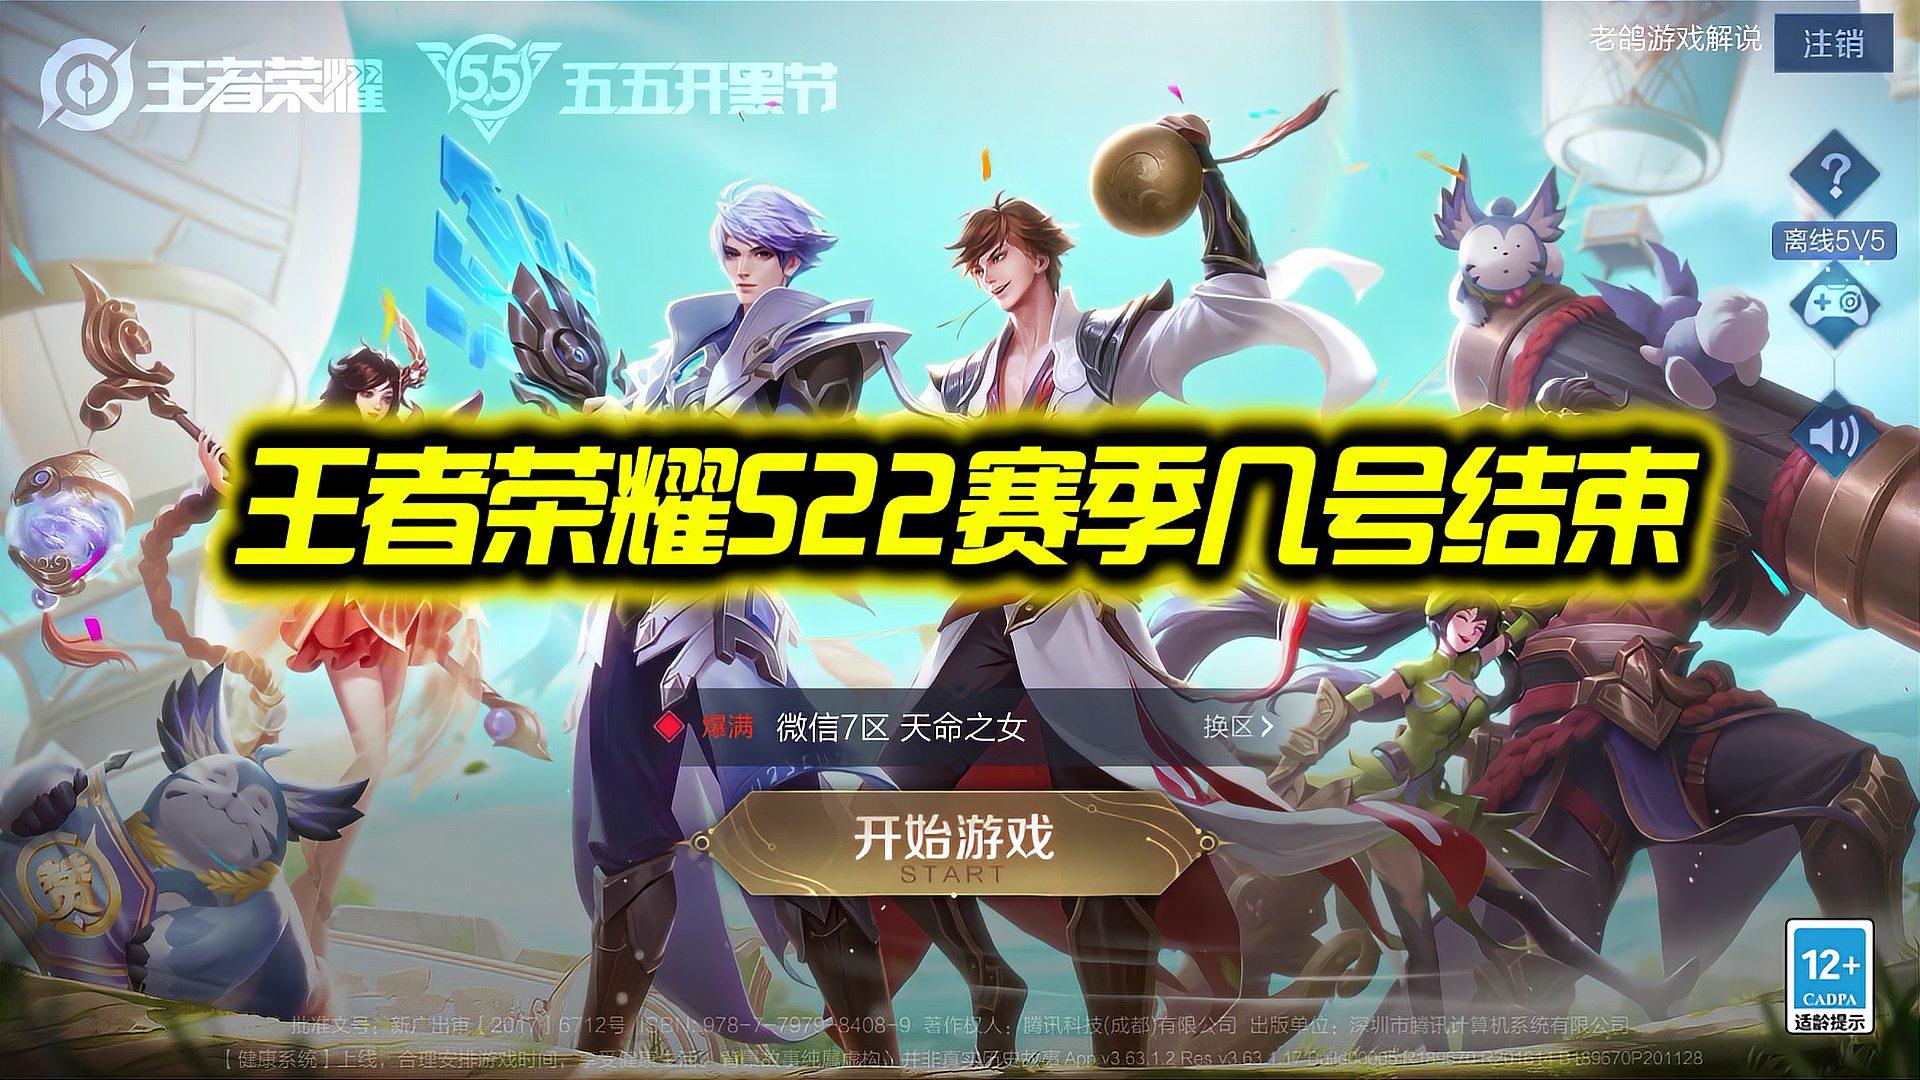 王者荣耀:王者荣耀S22赛季几号结束,用亲身经历告诉你答案!